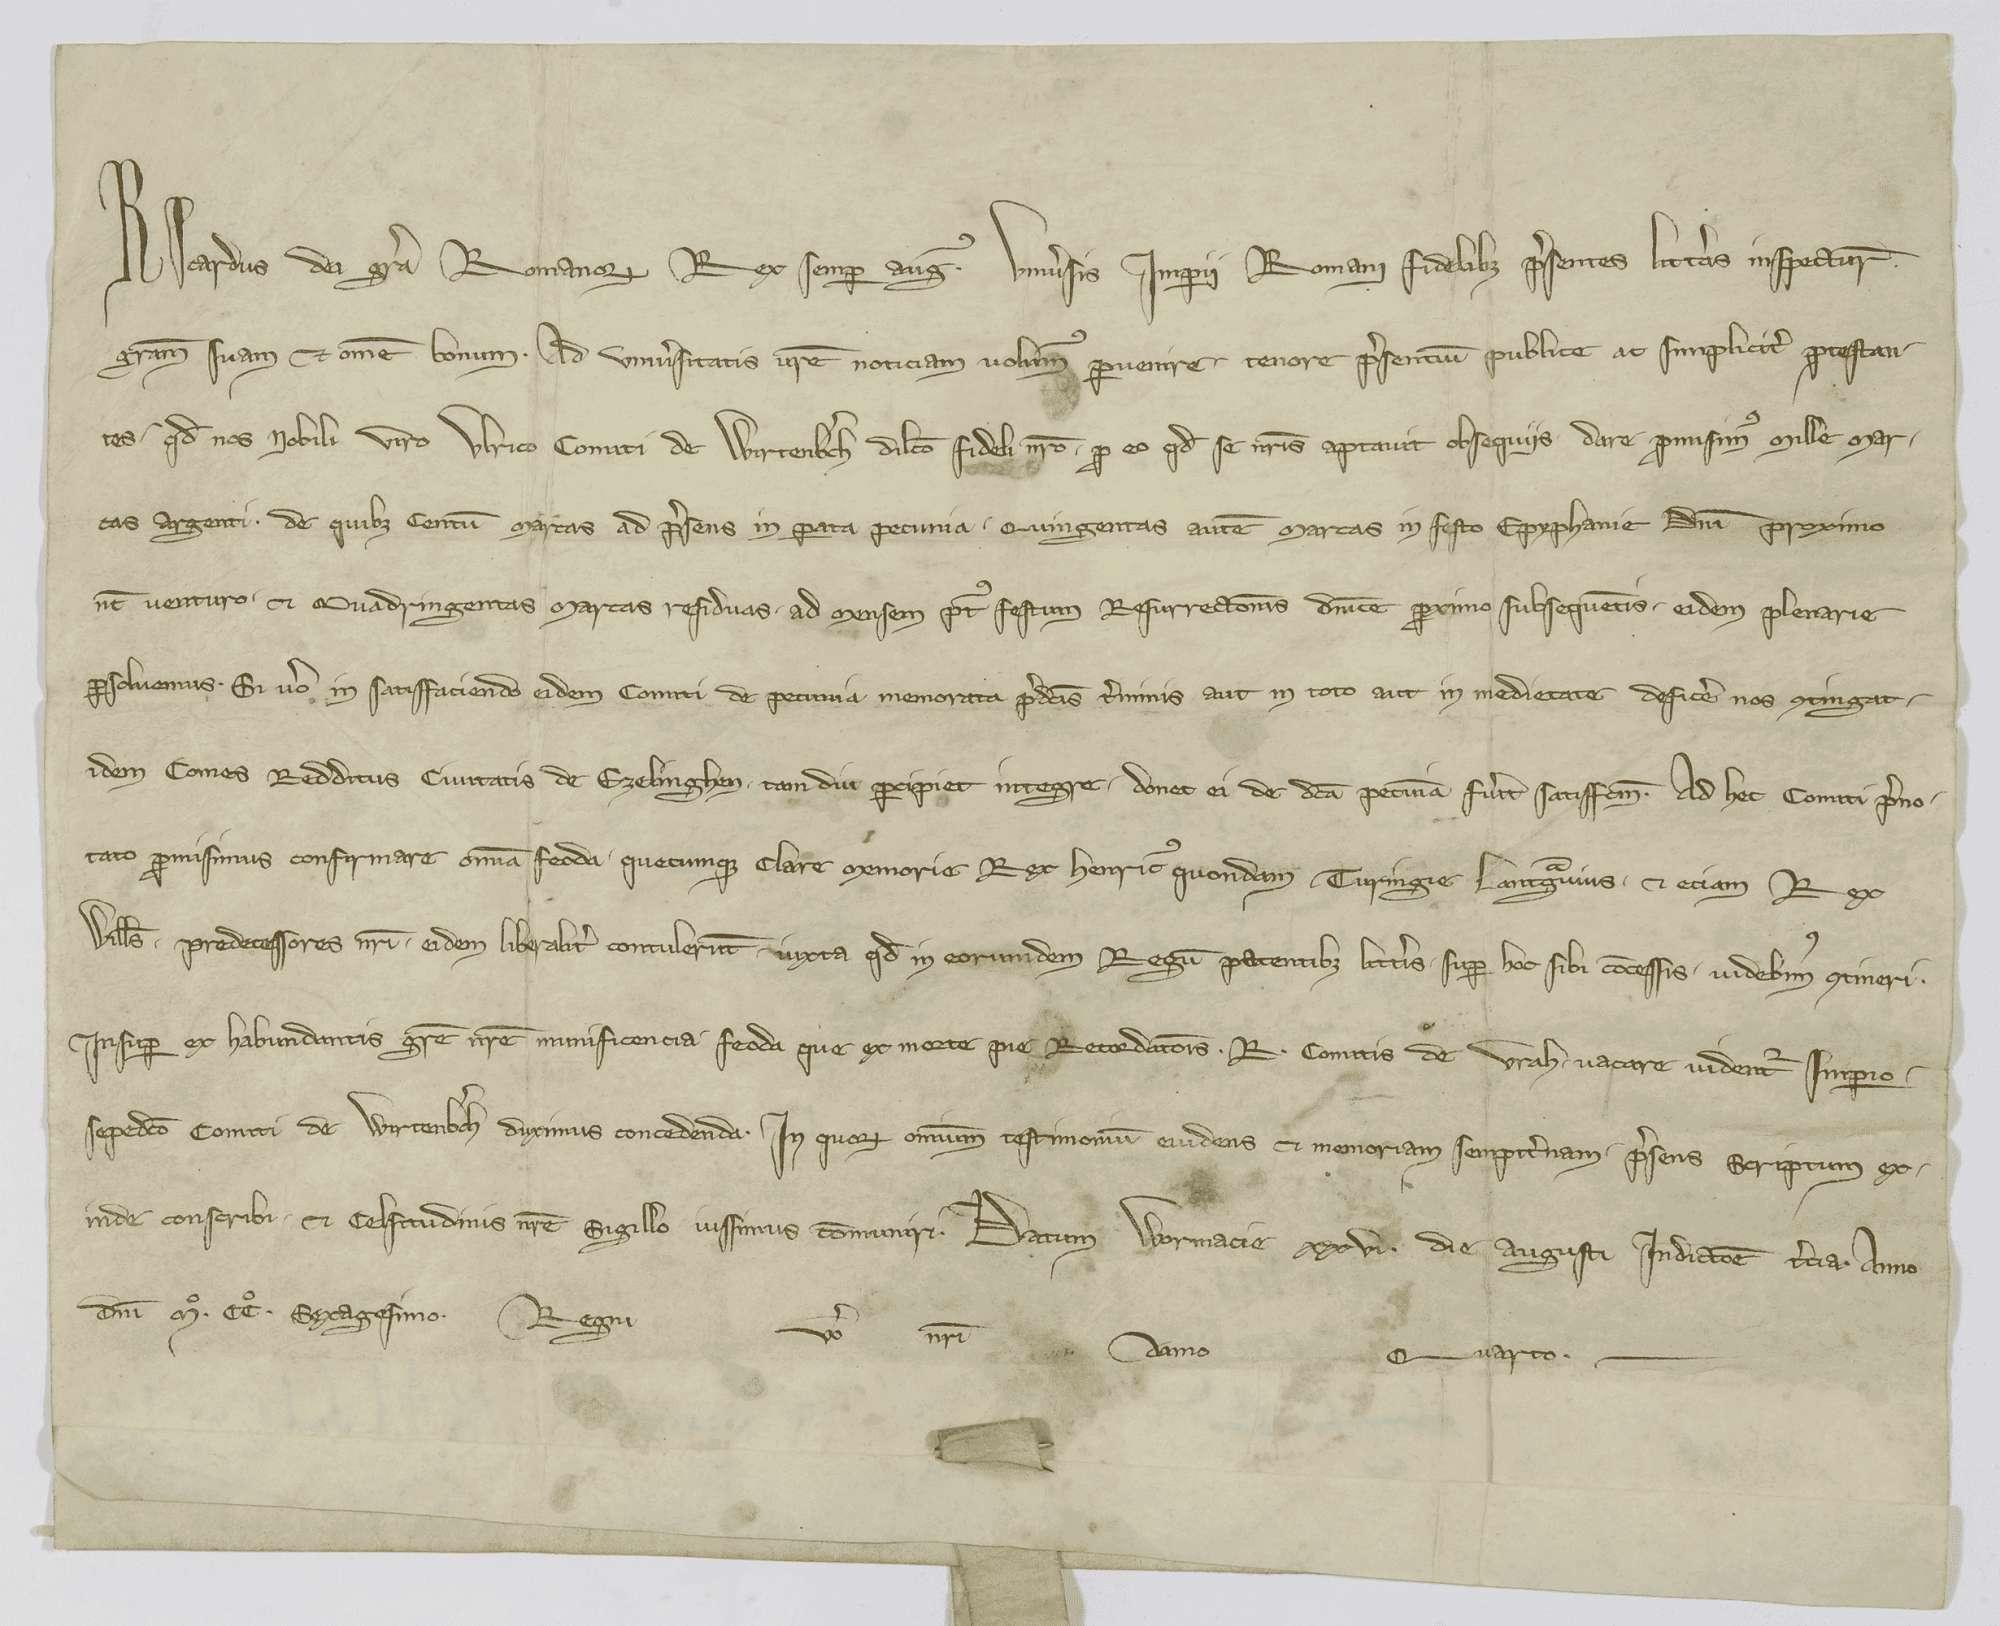 König Richard verspricht dem Grafen Ulrich von Württemberg dafür, dass er sein Anhänger geworden ist, tausend Mark Silber zu bezahlen sowie die ihm einst von den Königen Heinrich, dem Landgrafen von Thüringen, und Wilhelm verliehenen Lehen zu bestätigen, und überträgt demselben zugleich die durch den Tod des Grafen Rudolf von Urach dem Reich heimgefallenen Lehen., Bild 3